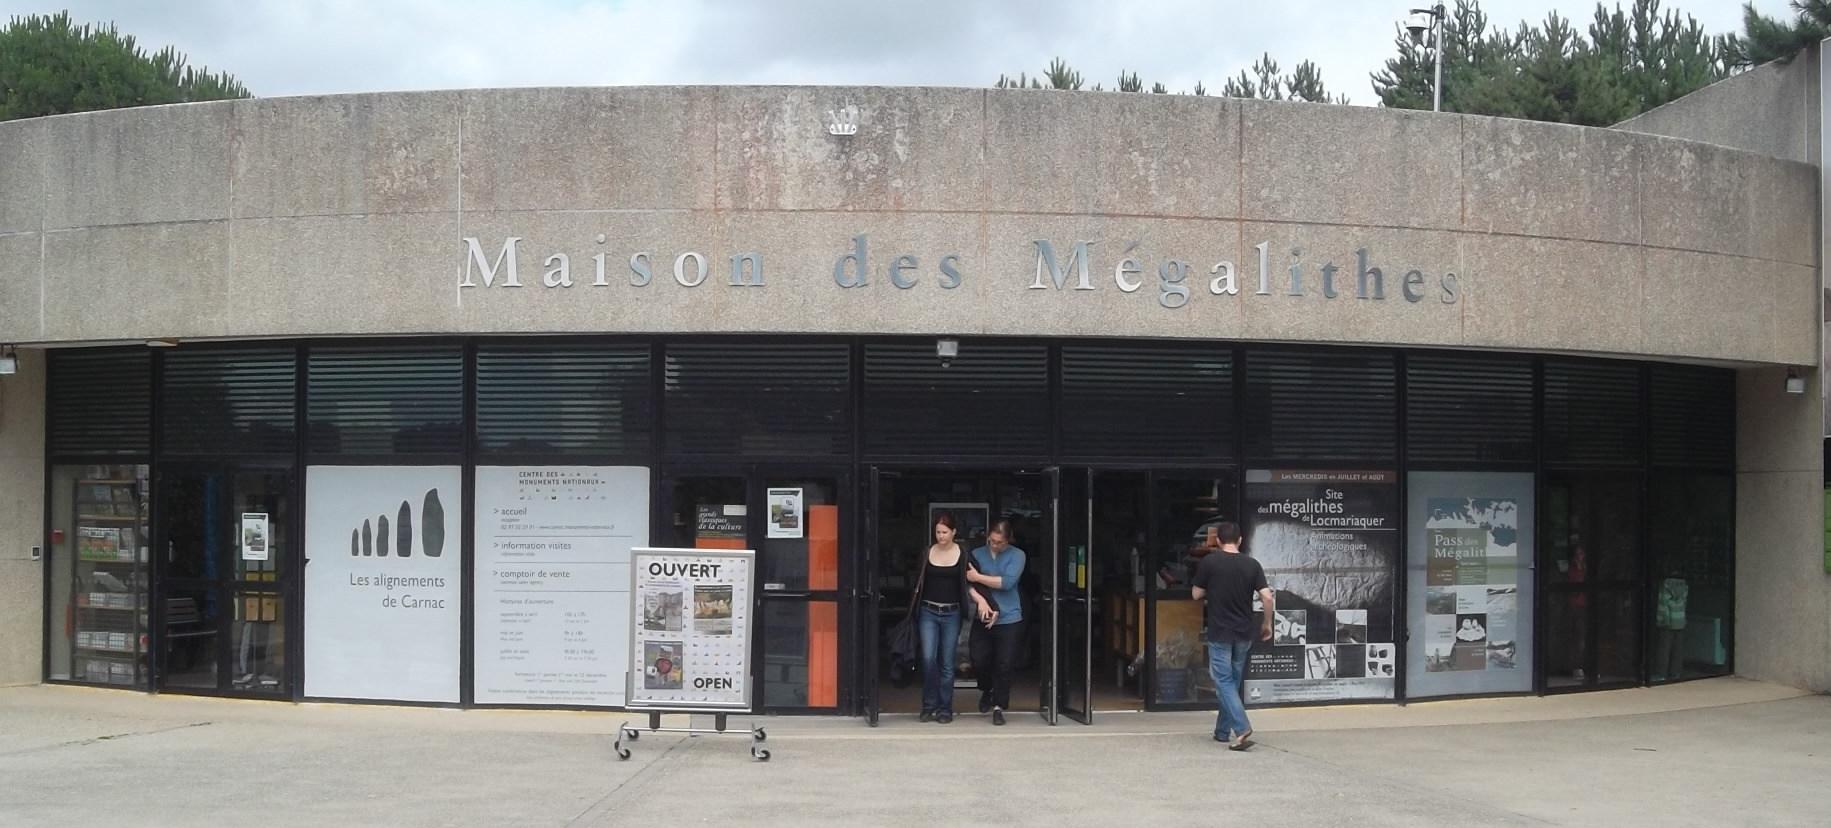 carnac-maison-des-megalithes-jul12